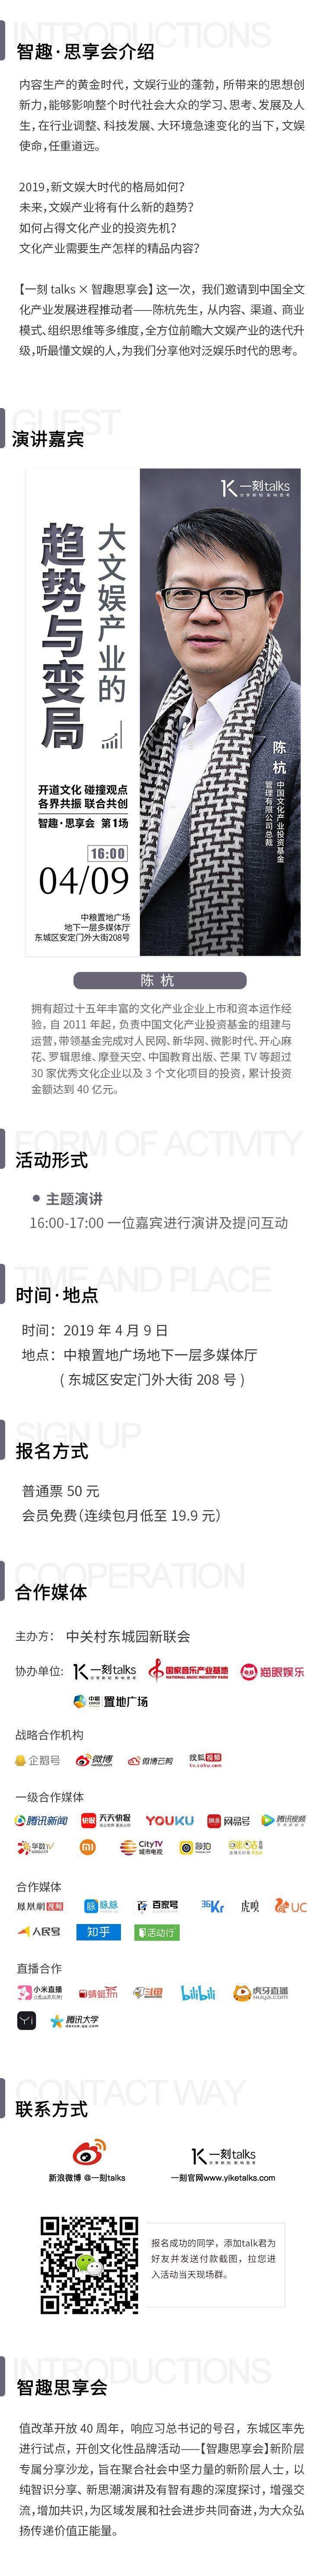 演讲局-大文娱产业-详情页-活动行.jpg